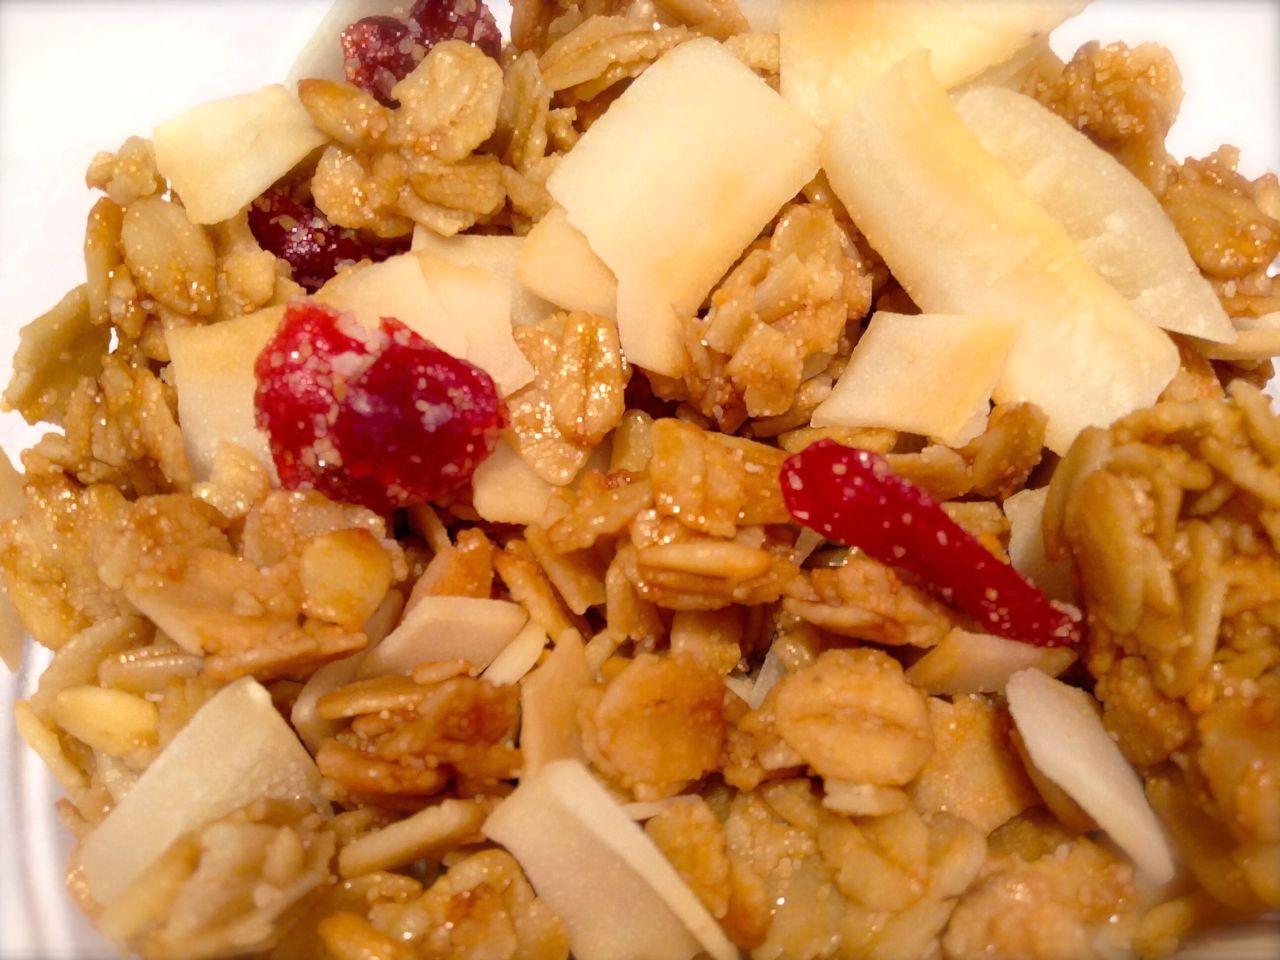 ★トリプルココナッツ グラノーラ * Triple Coconut Granola 270g